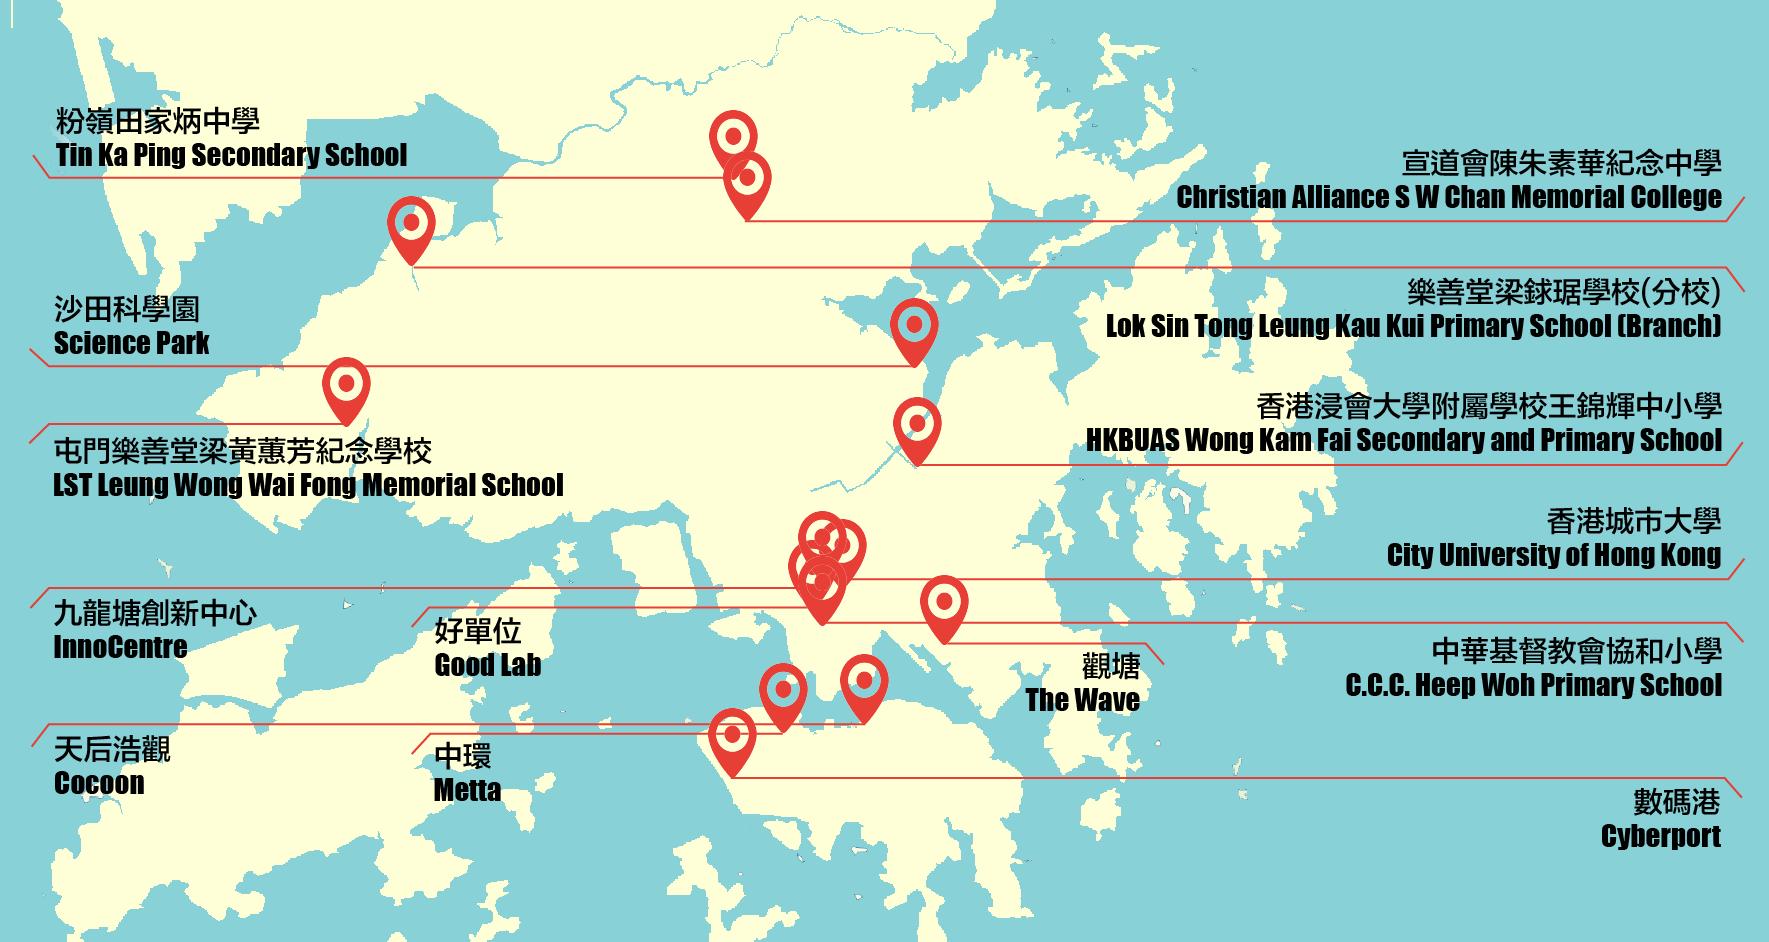 HOC map till Sept 2016